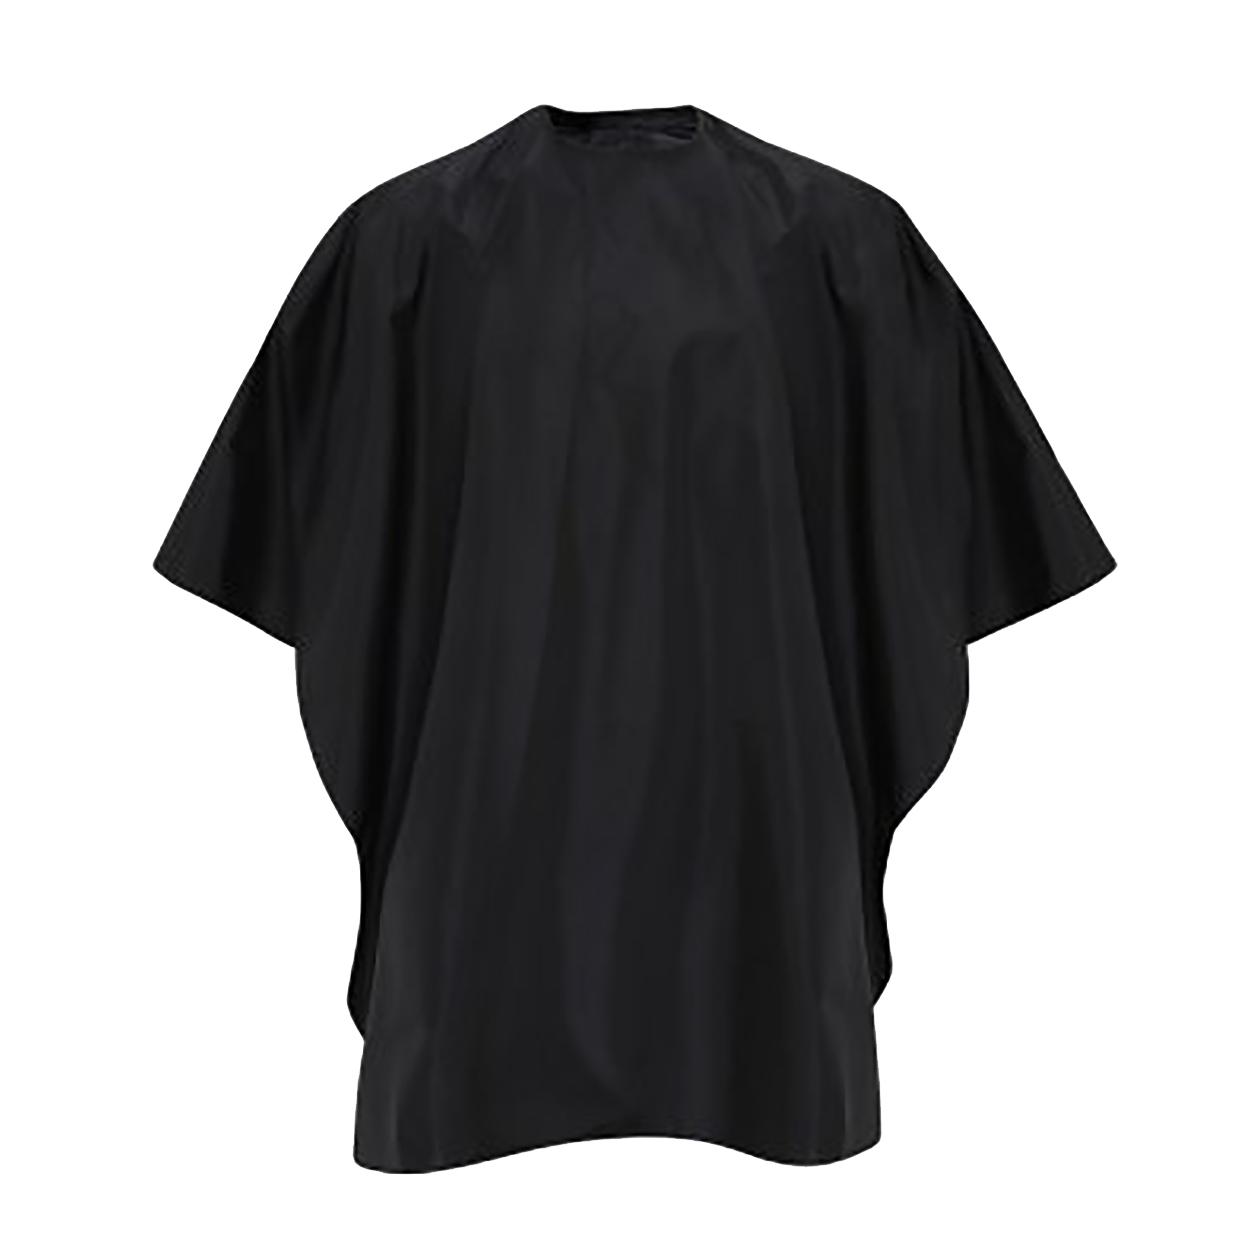 Premier Waterproof Salon Gown (One Size) (Black)